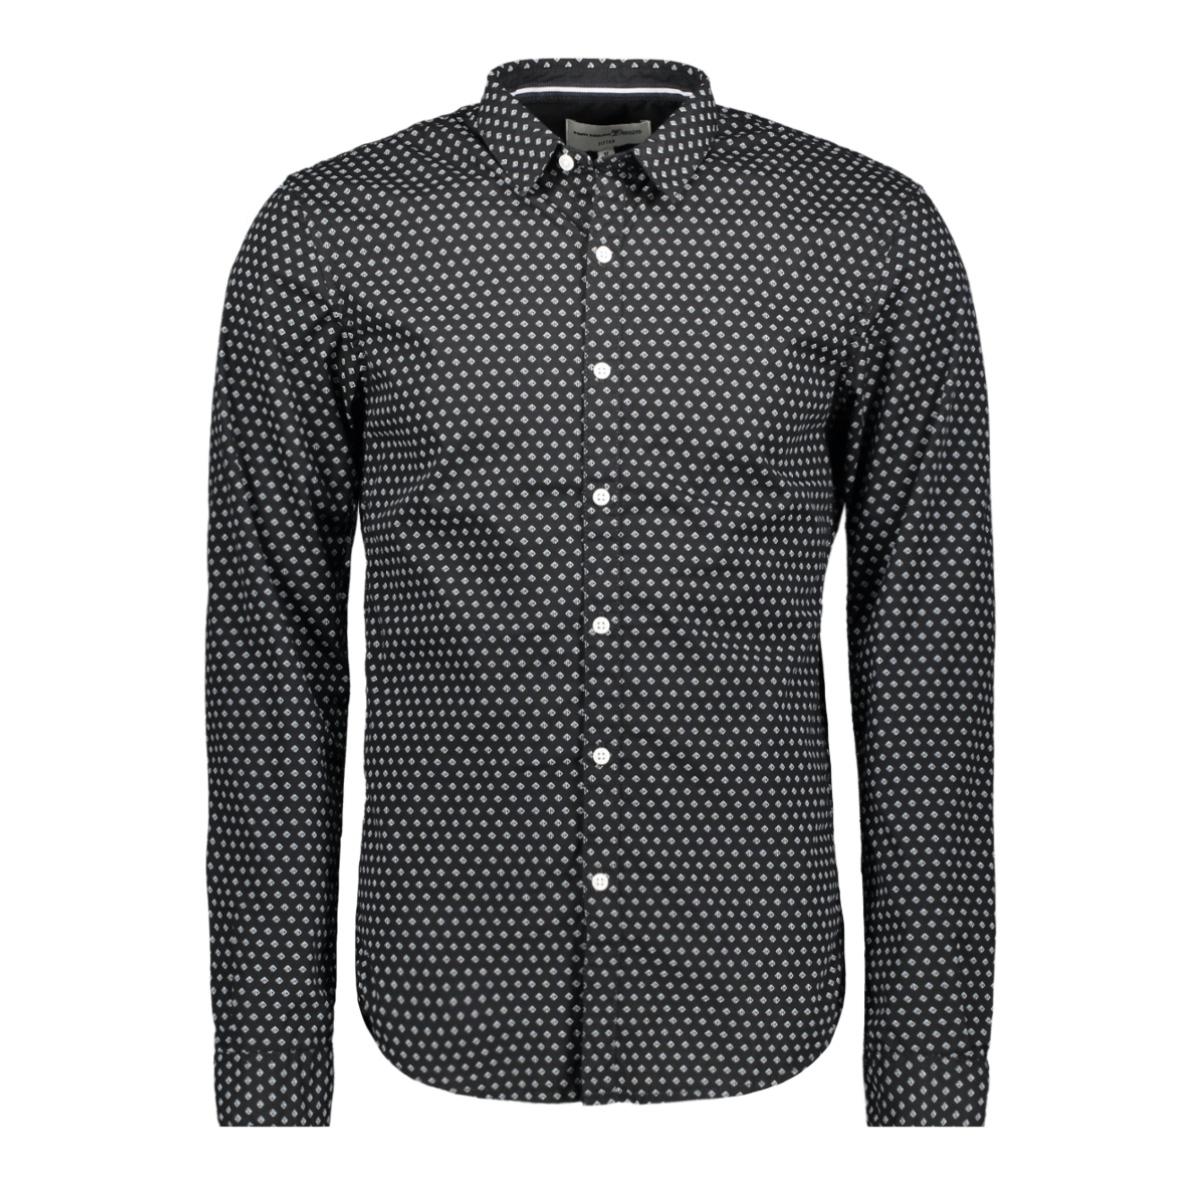 overhemd met grafische print 1015484xx12 tom tailor overhemd 20885